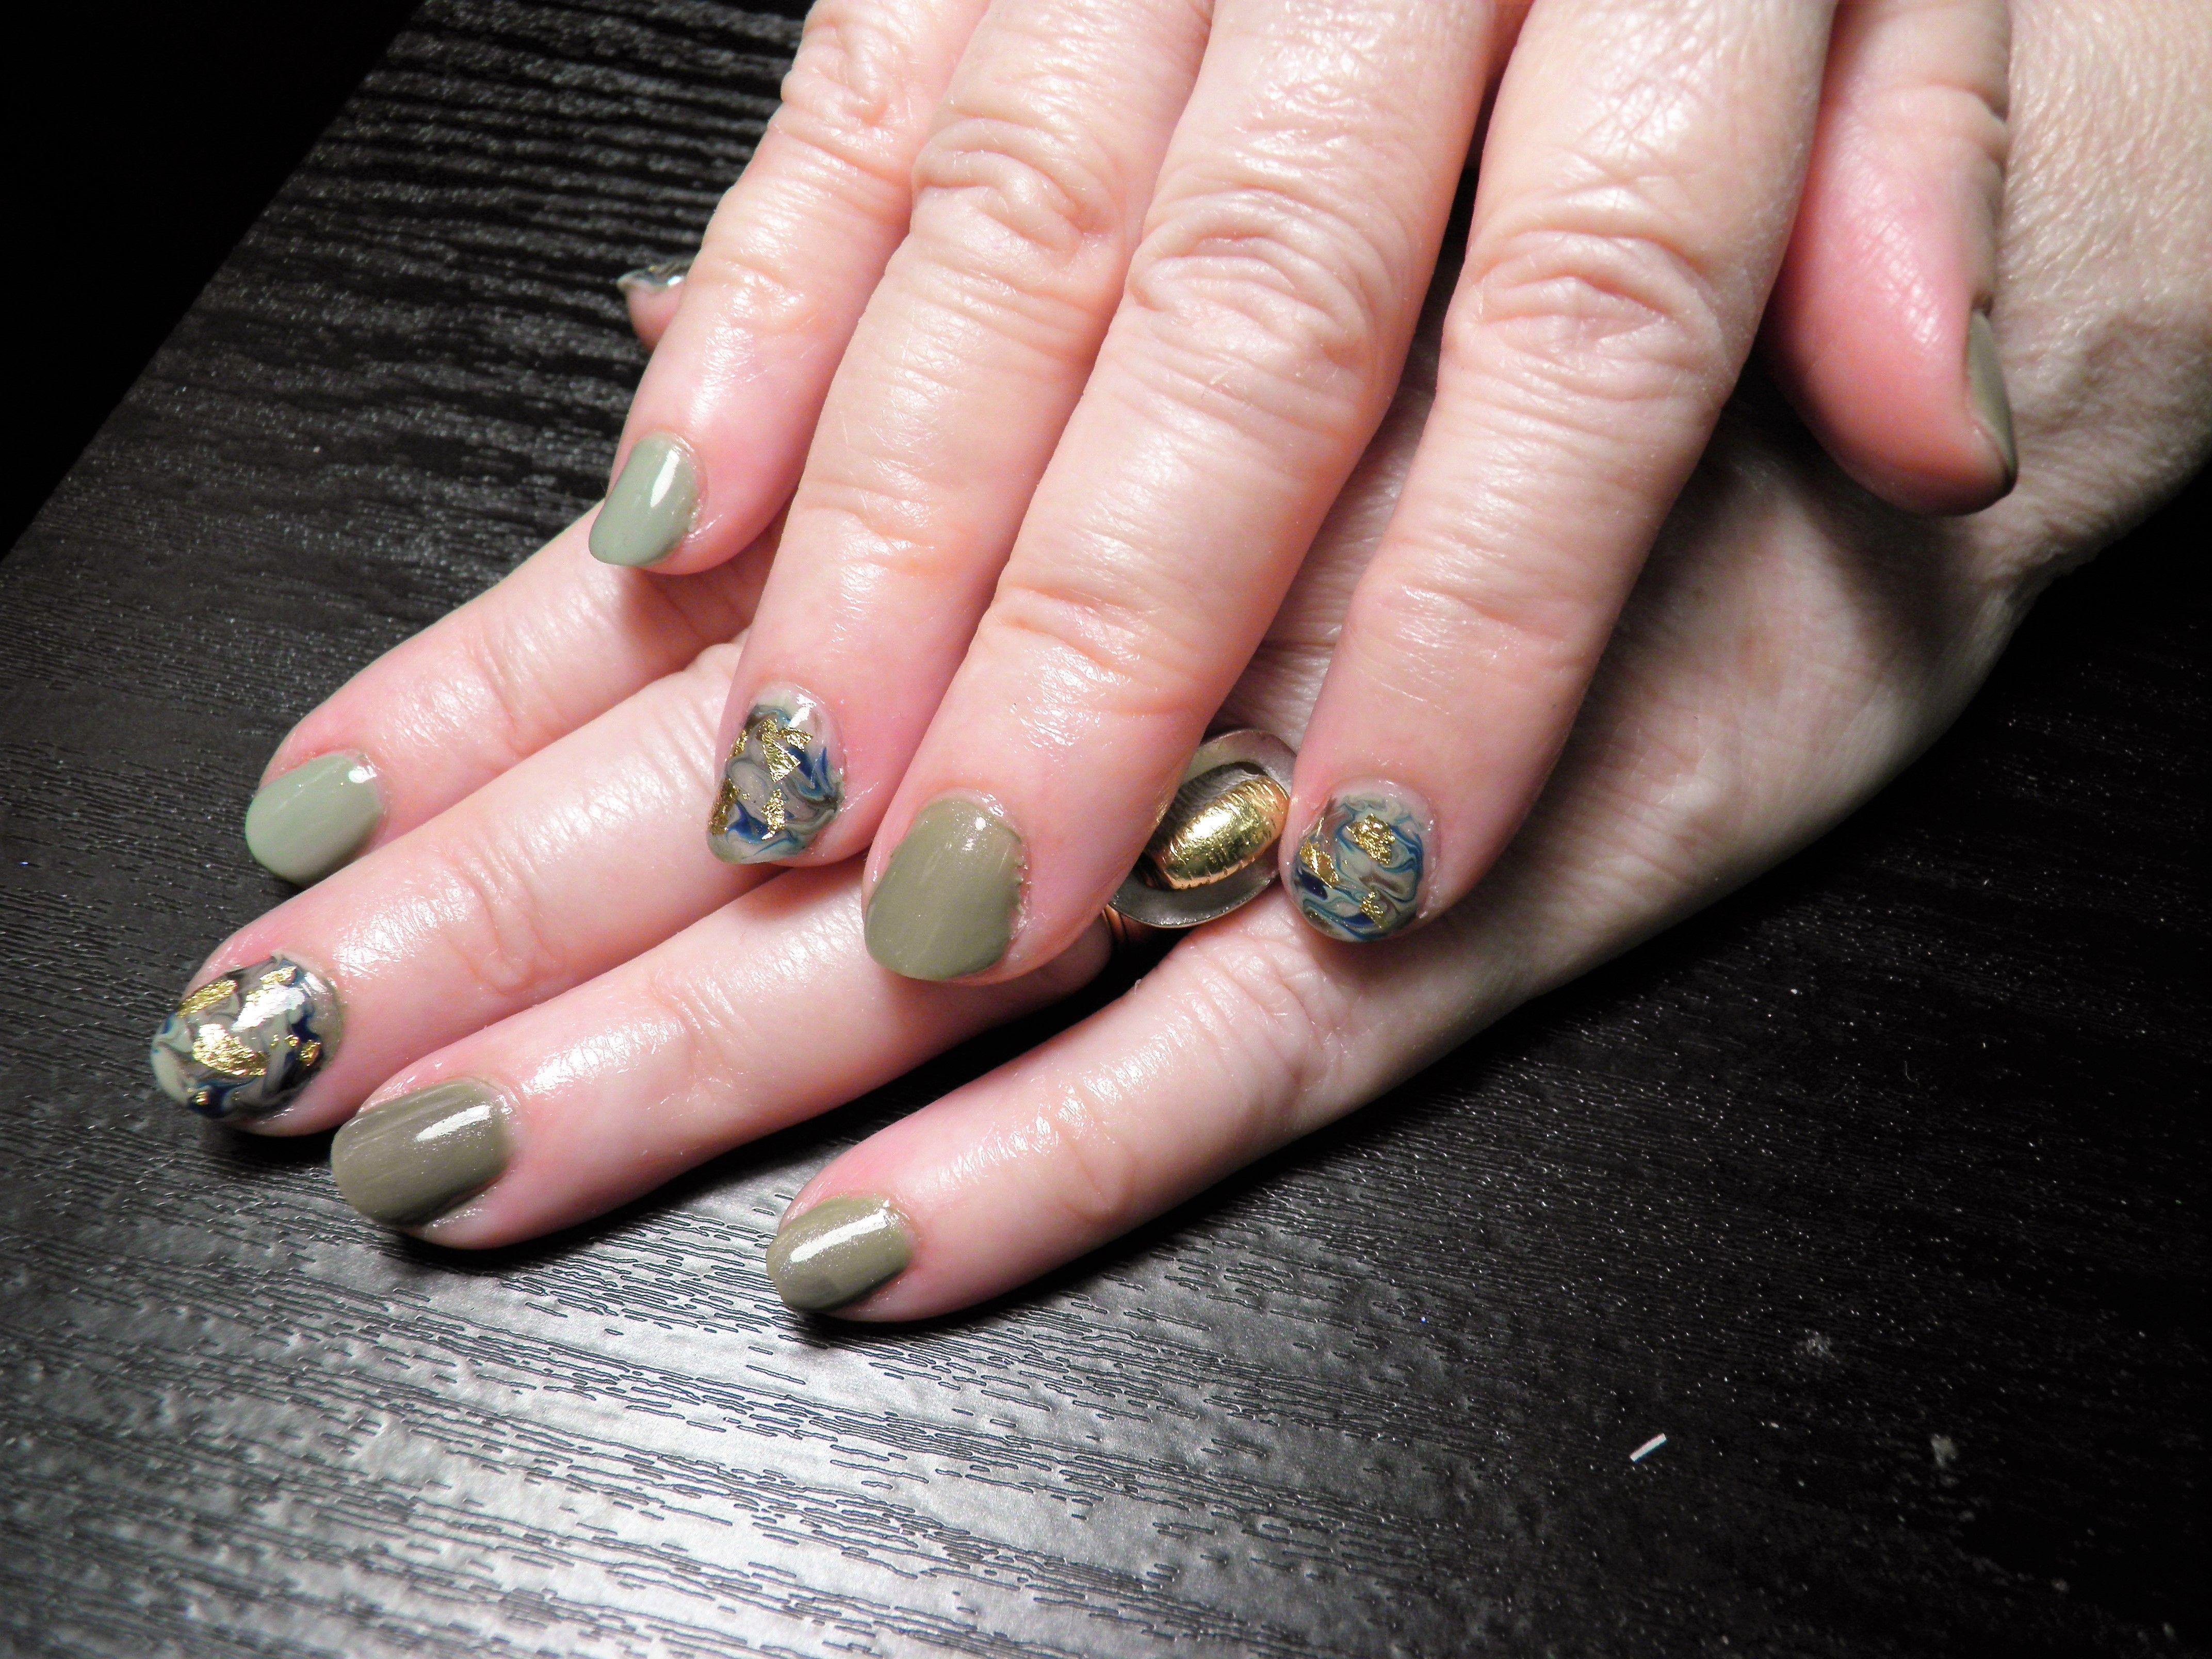 Short camouflage nails gel polish u gold flakes on natural nails